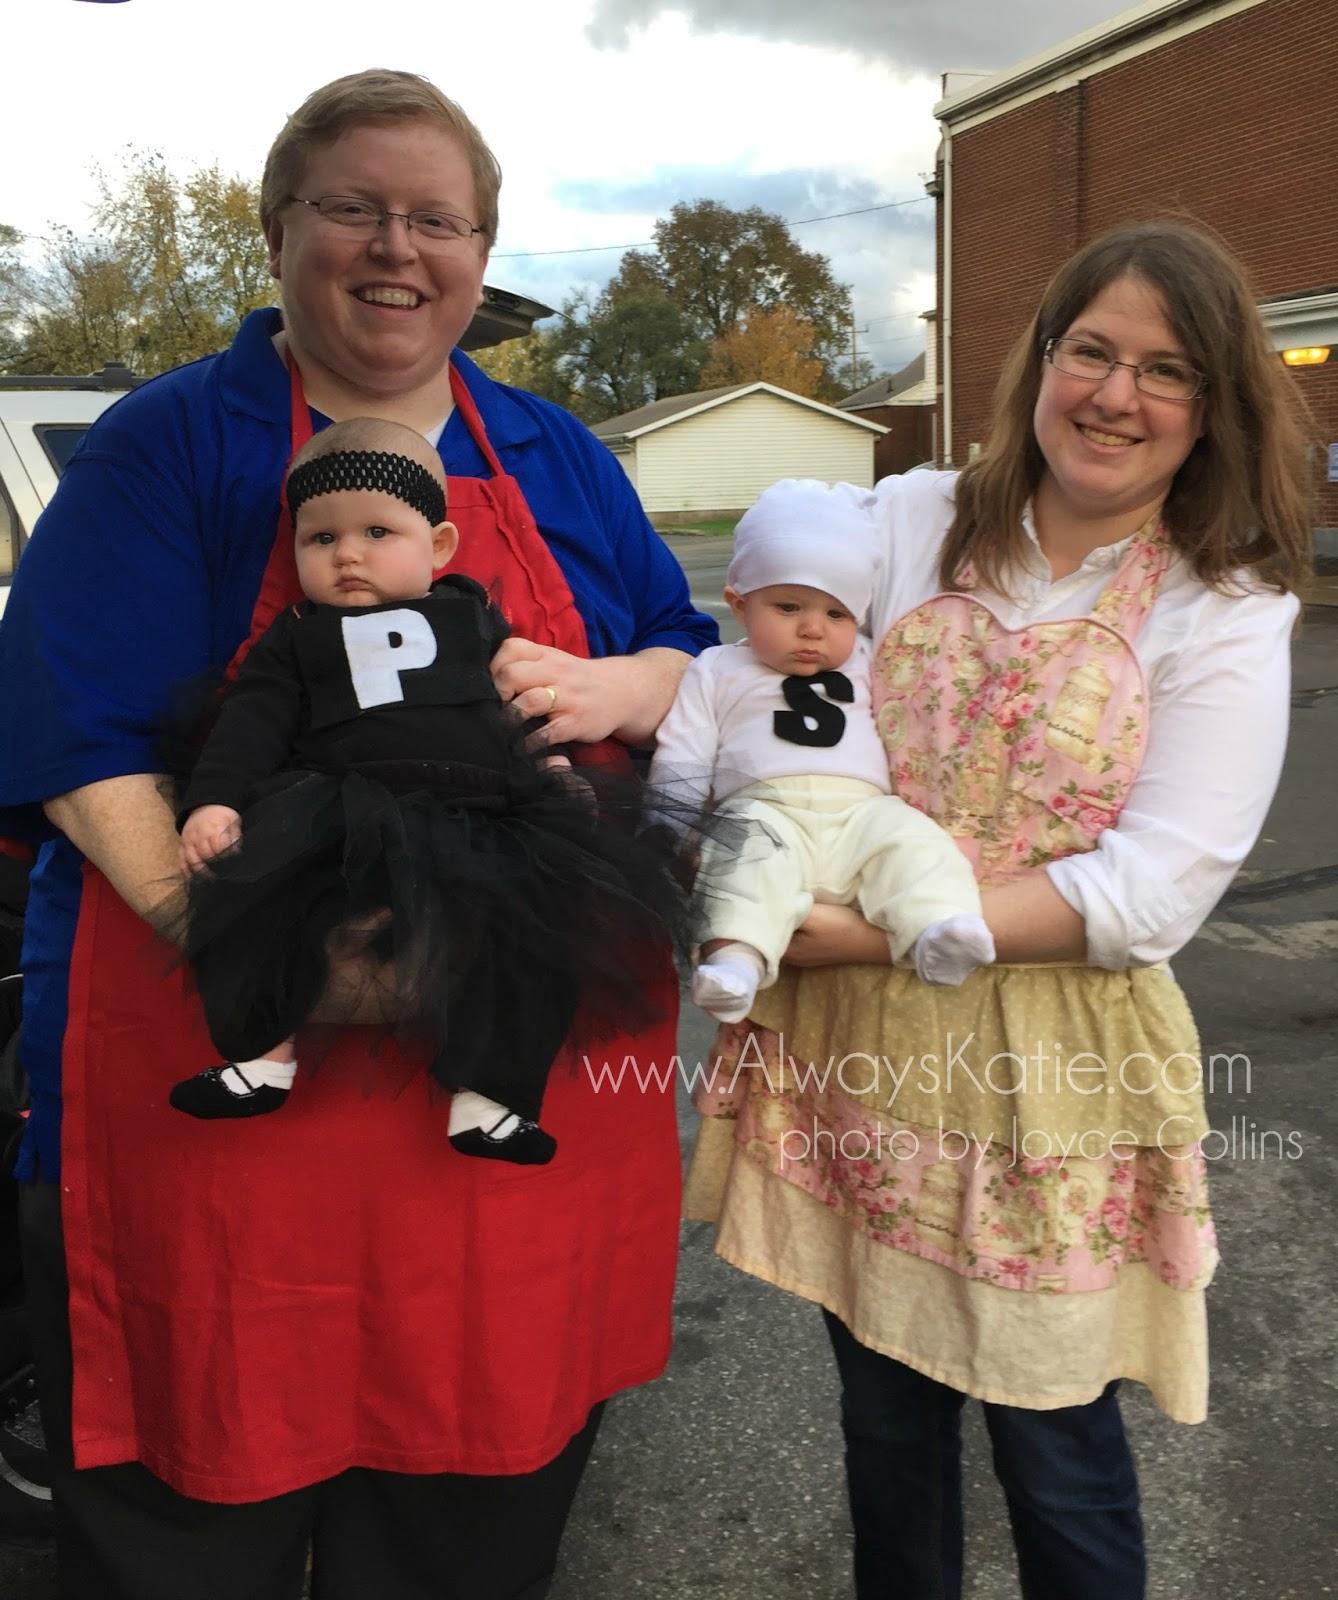 sc 1 st  Always Katie & Always Katie: Twin Halloween Costumes - Salt and Pepper Shakers